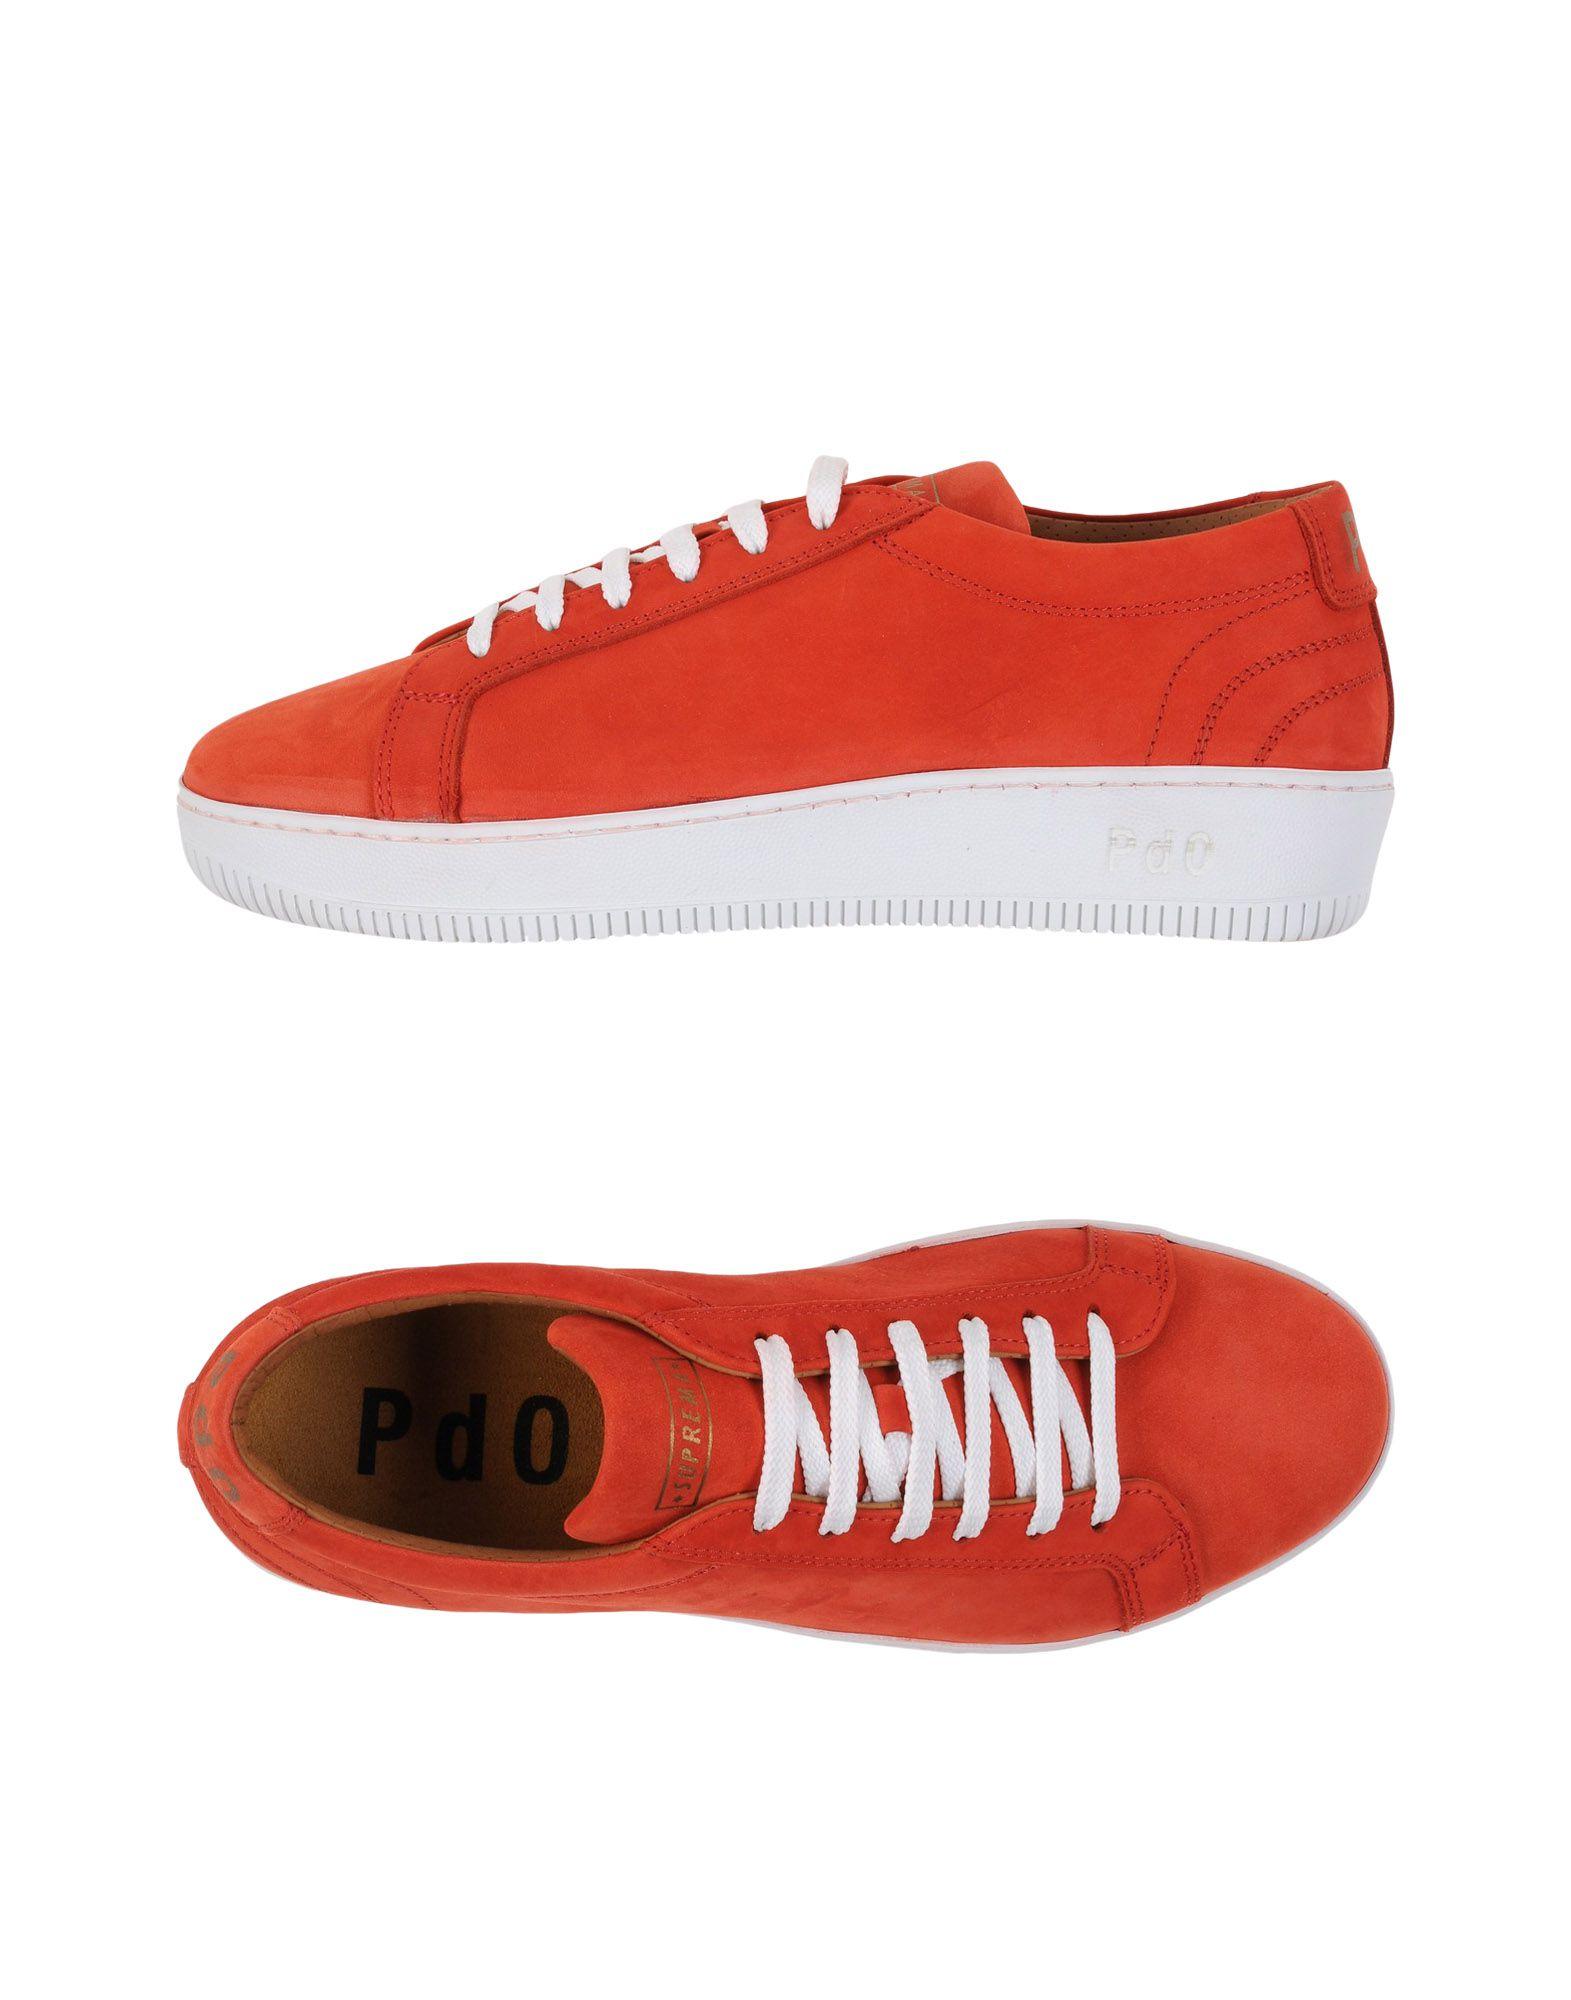 Scarpe da - Ginnastica Pantofola D'oro Donna - da 11099784EH 5ba76e